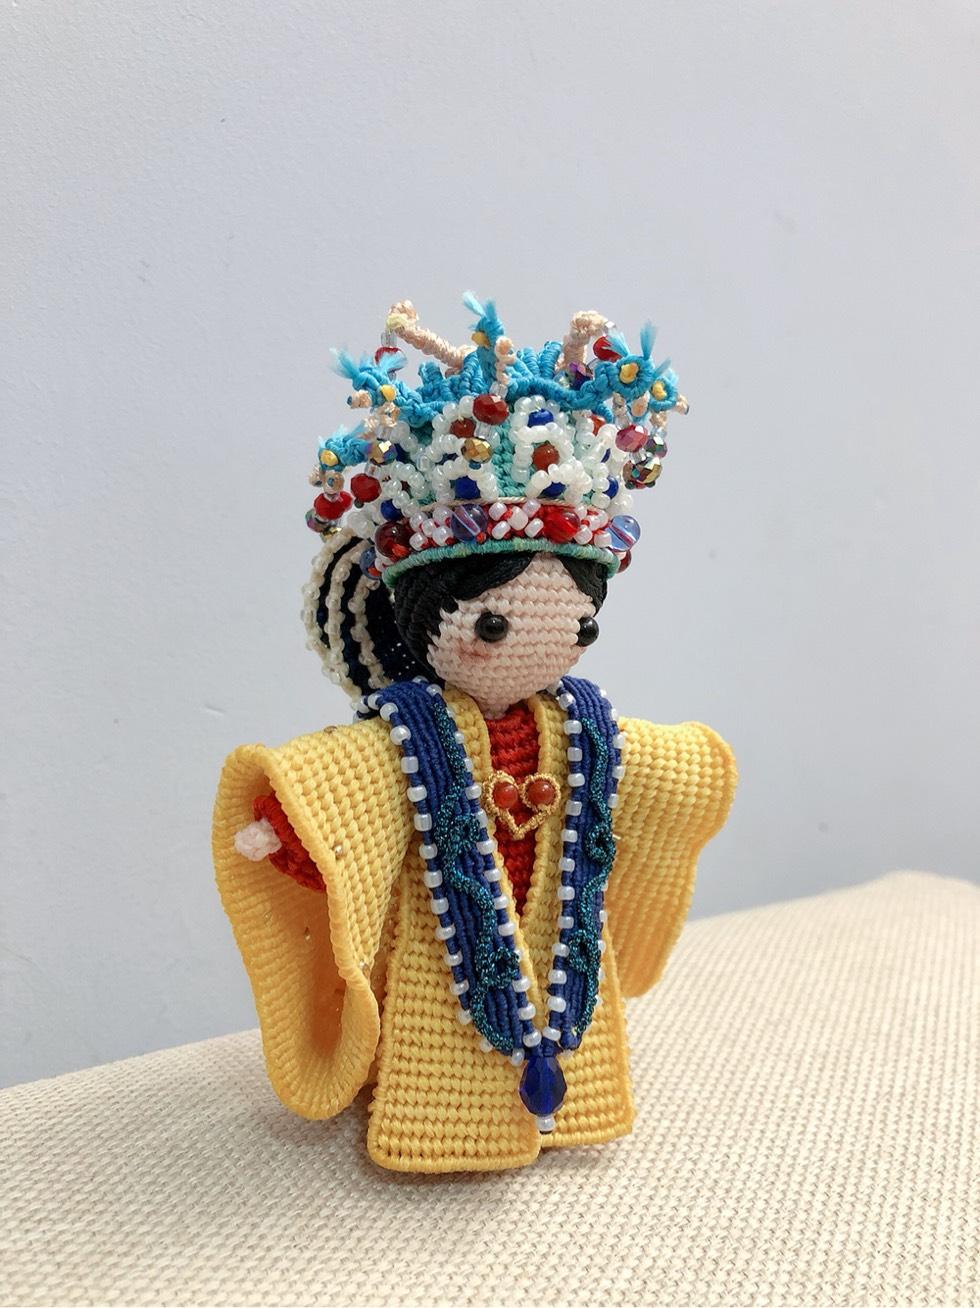 中国结论坛 明朝皇后 大明皇后列表排名表,朱瞻基与孙皇后的爱情,明朝皇后大婚服饰 作品展示 153423j4l4ldv5zr5vzulu